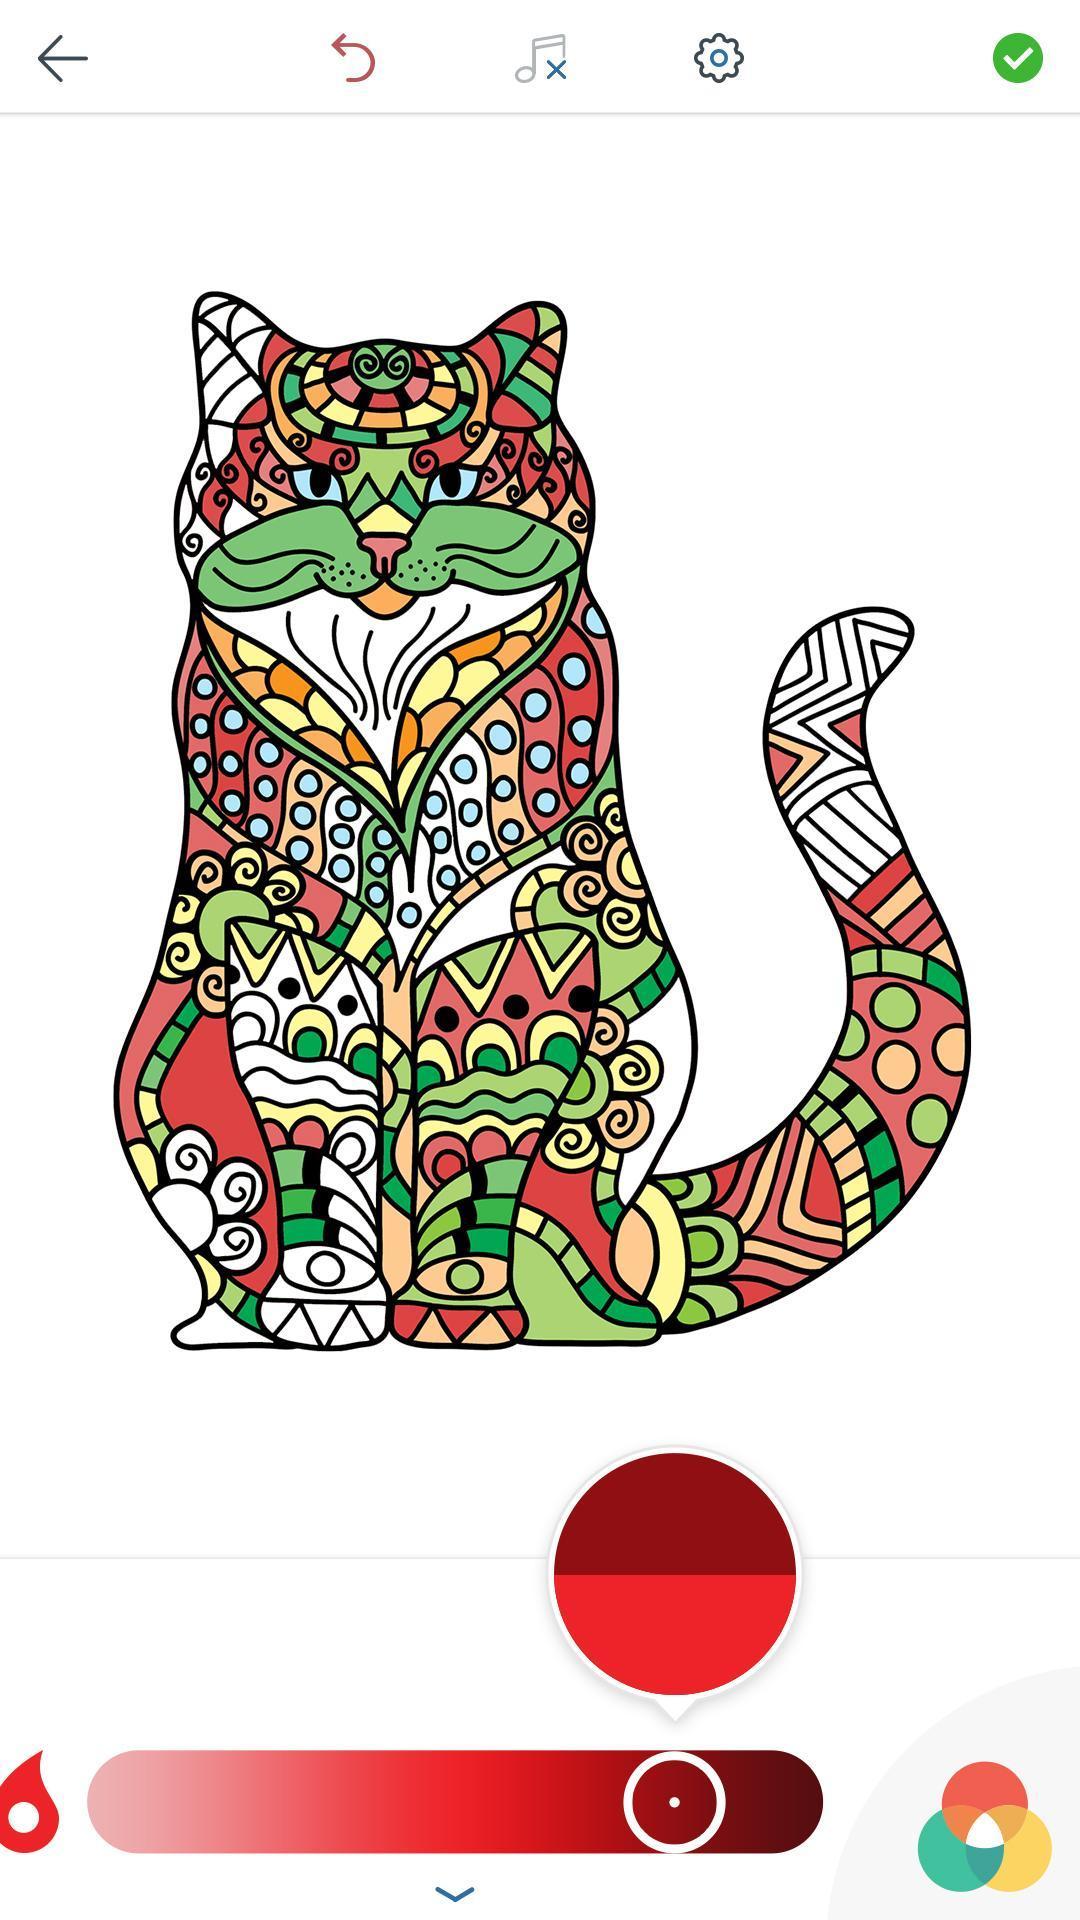 Download 64+  Gambar Mewarnai Kucing Imut Paling Bagus Gratis